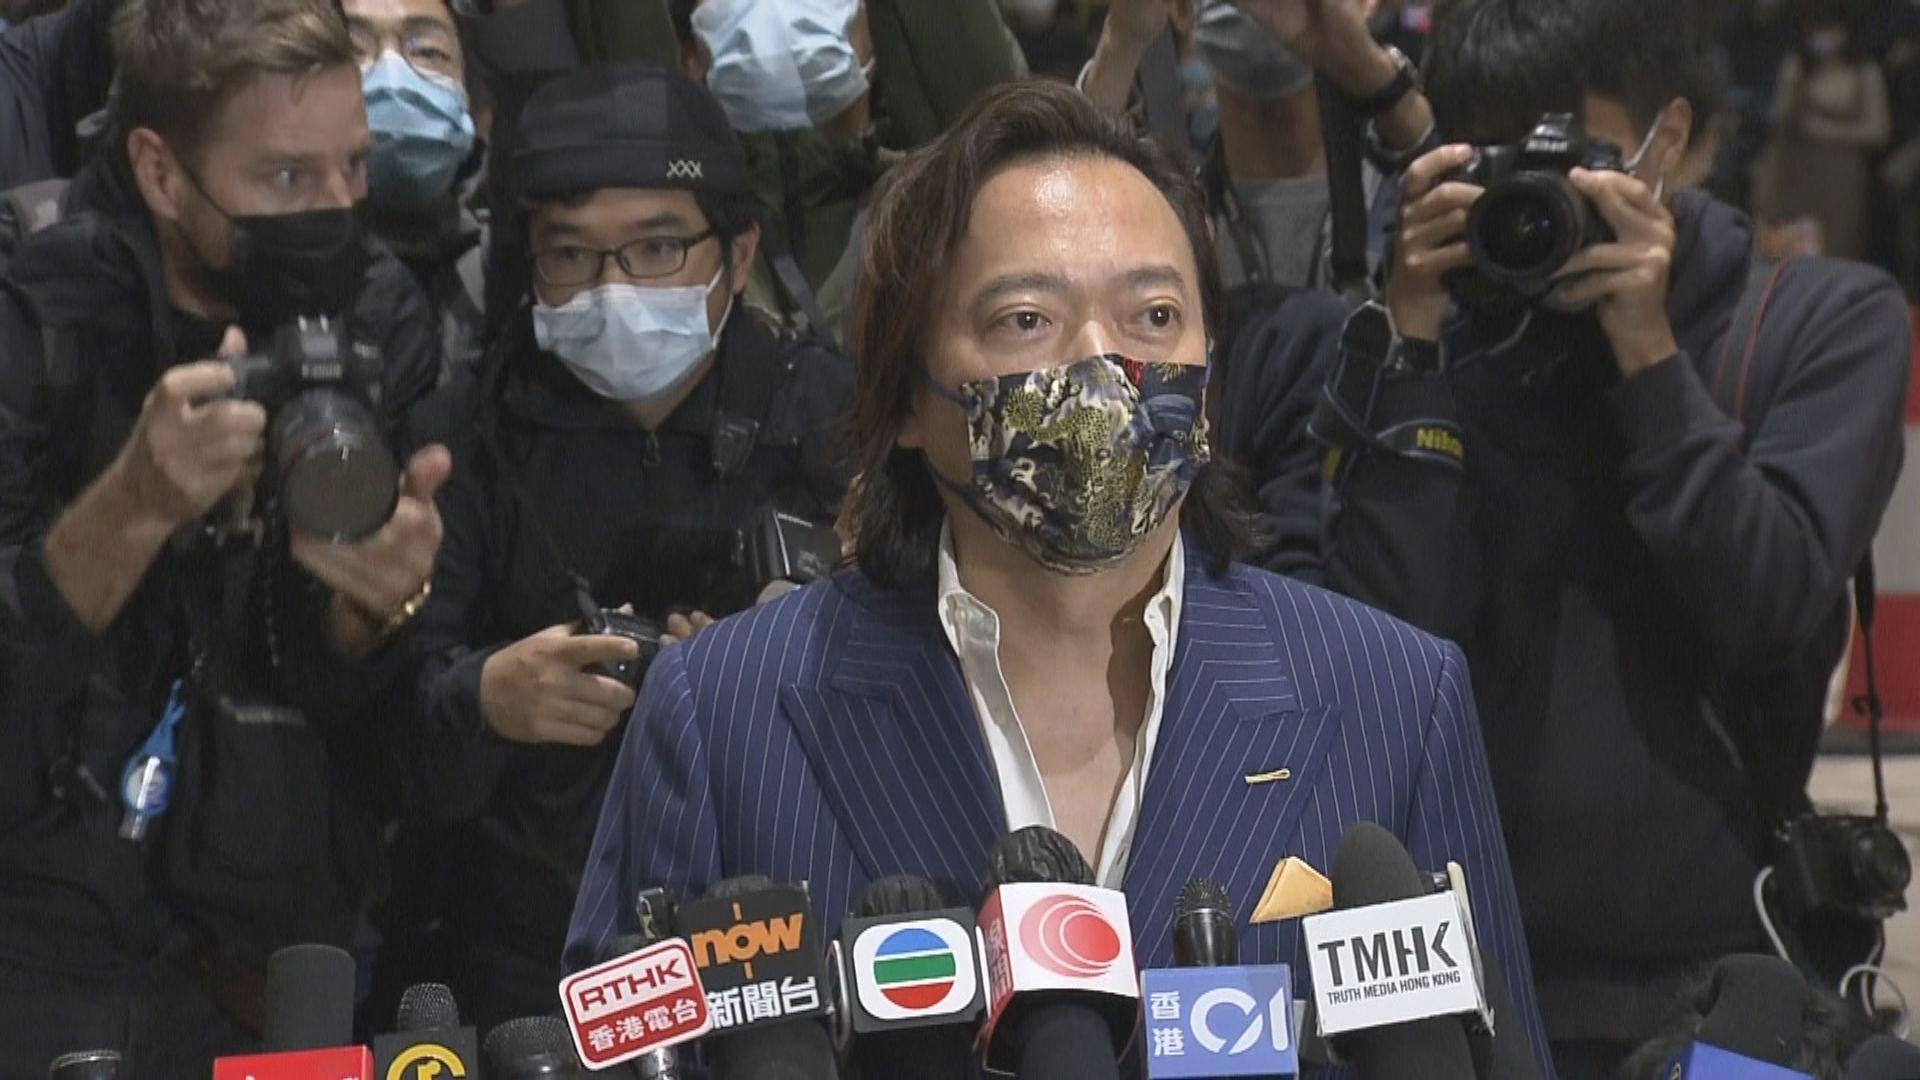 劉偉聰:感謝外界關心 希望其他被告人保釋能早日獲批